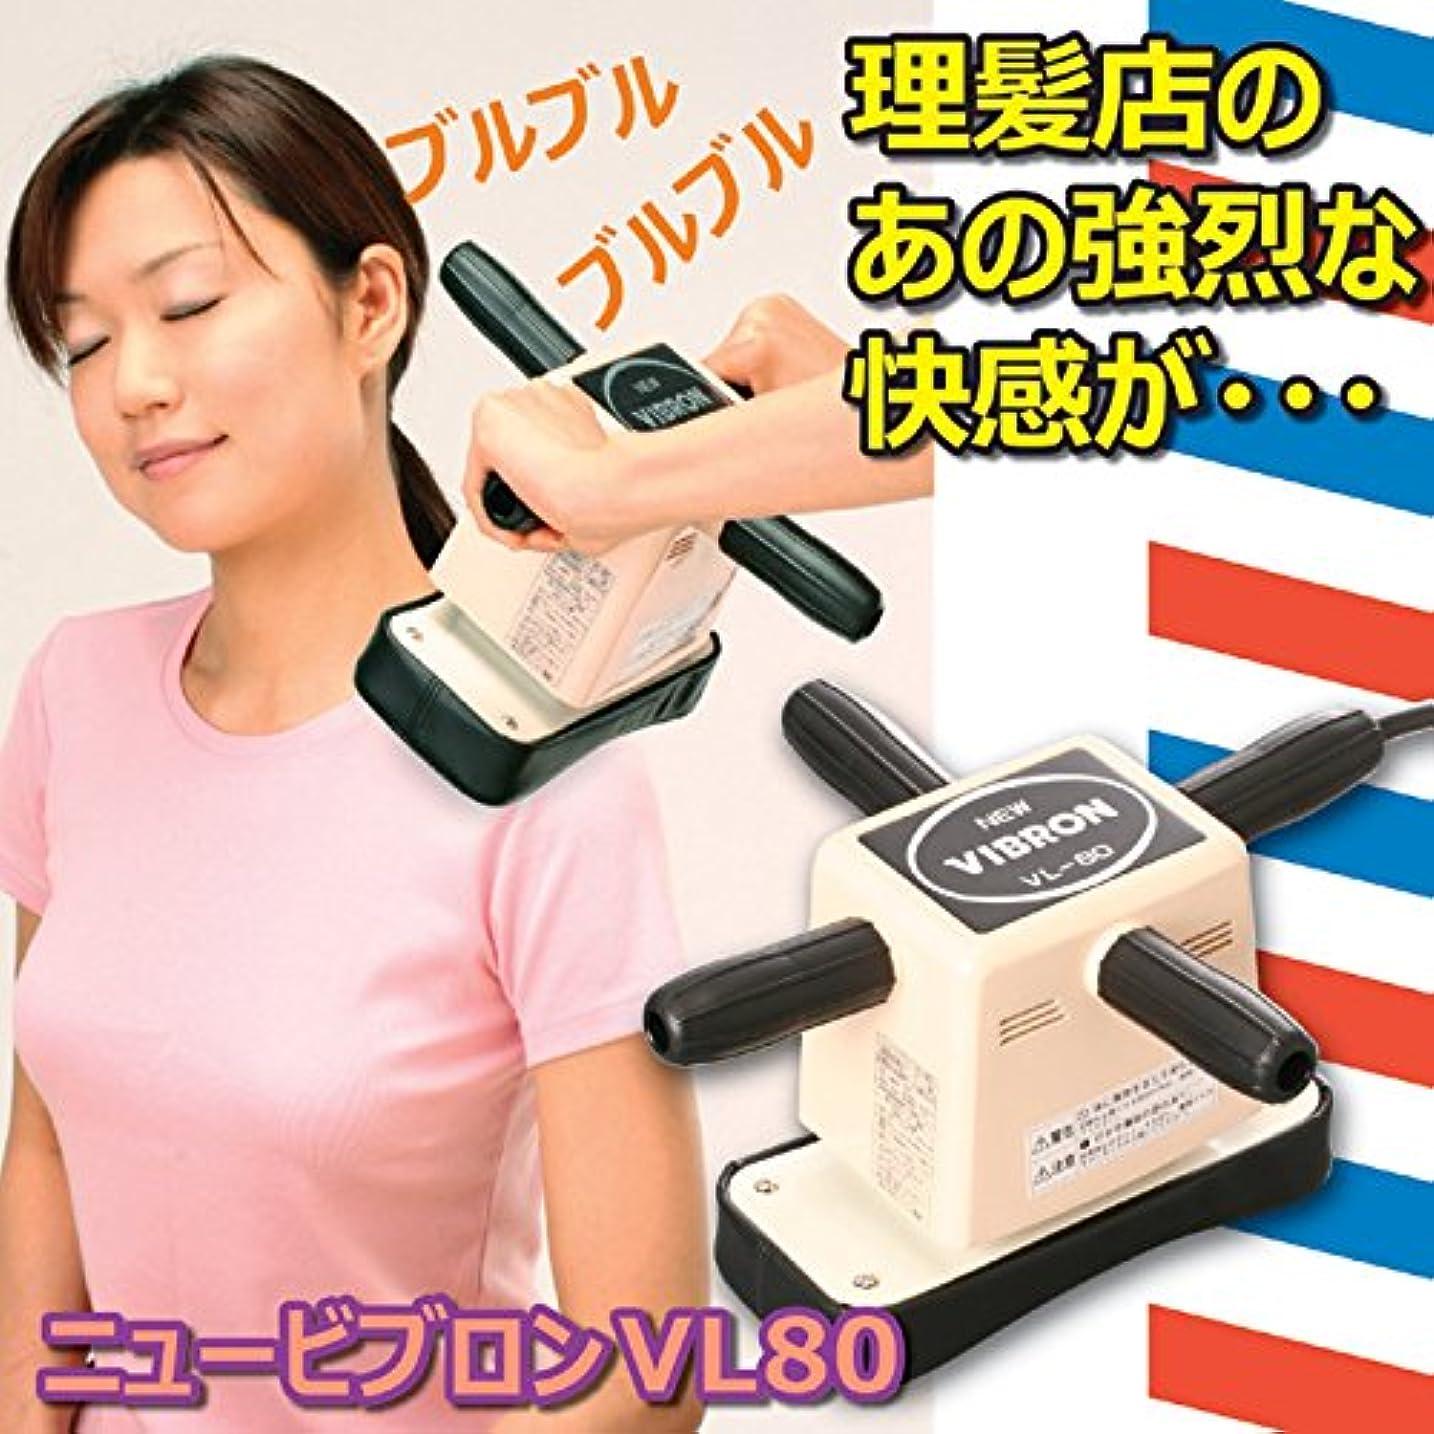 出版不条理何もない理髪店の「サービス」でもおなじみの! 家庭用電気マッサージ器ニュービブロン 870070